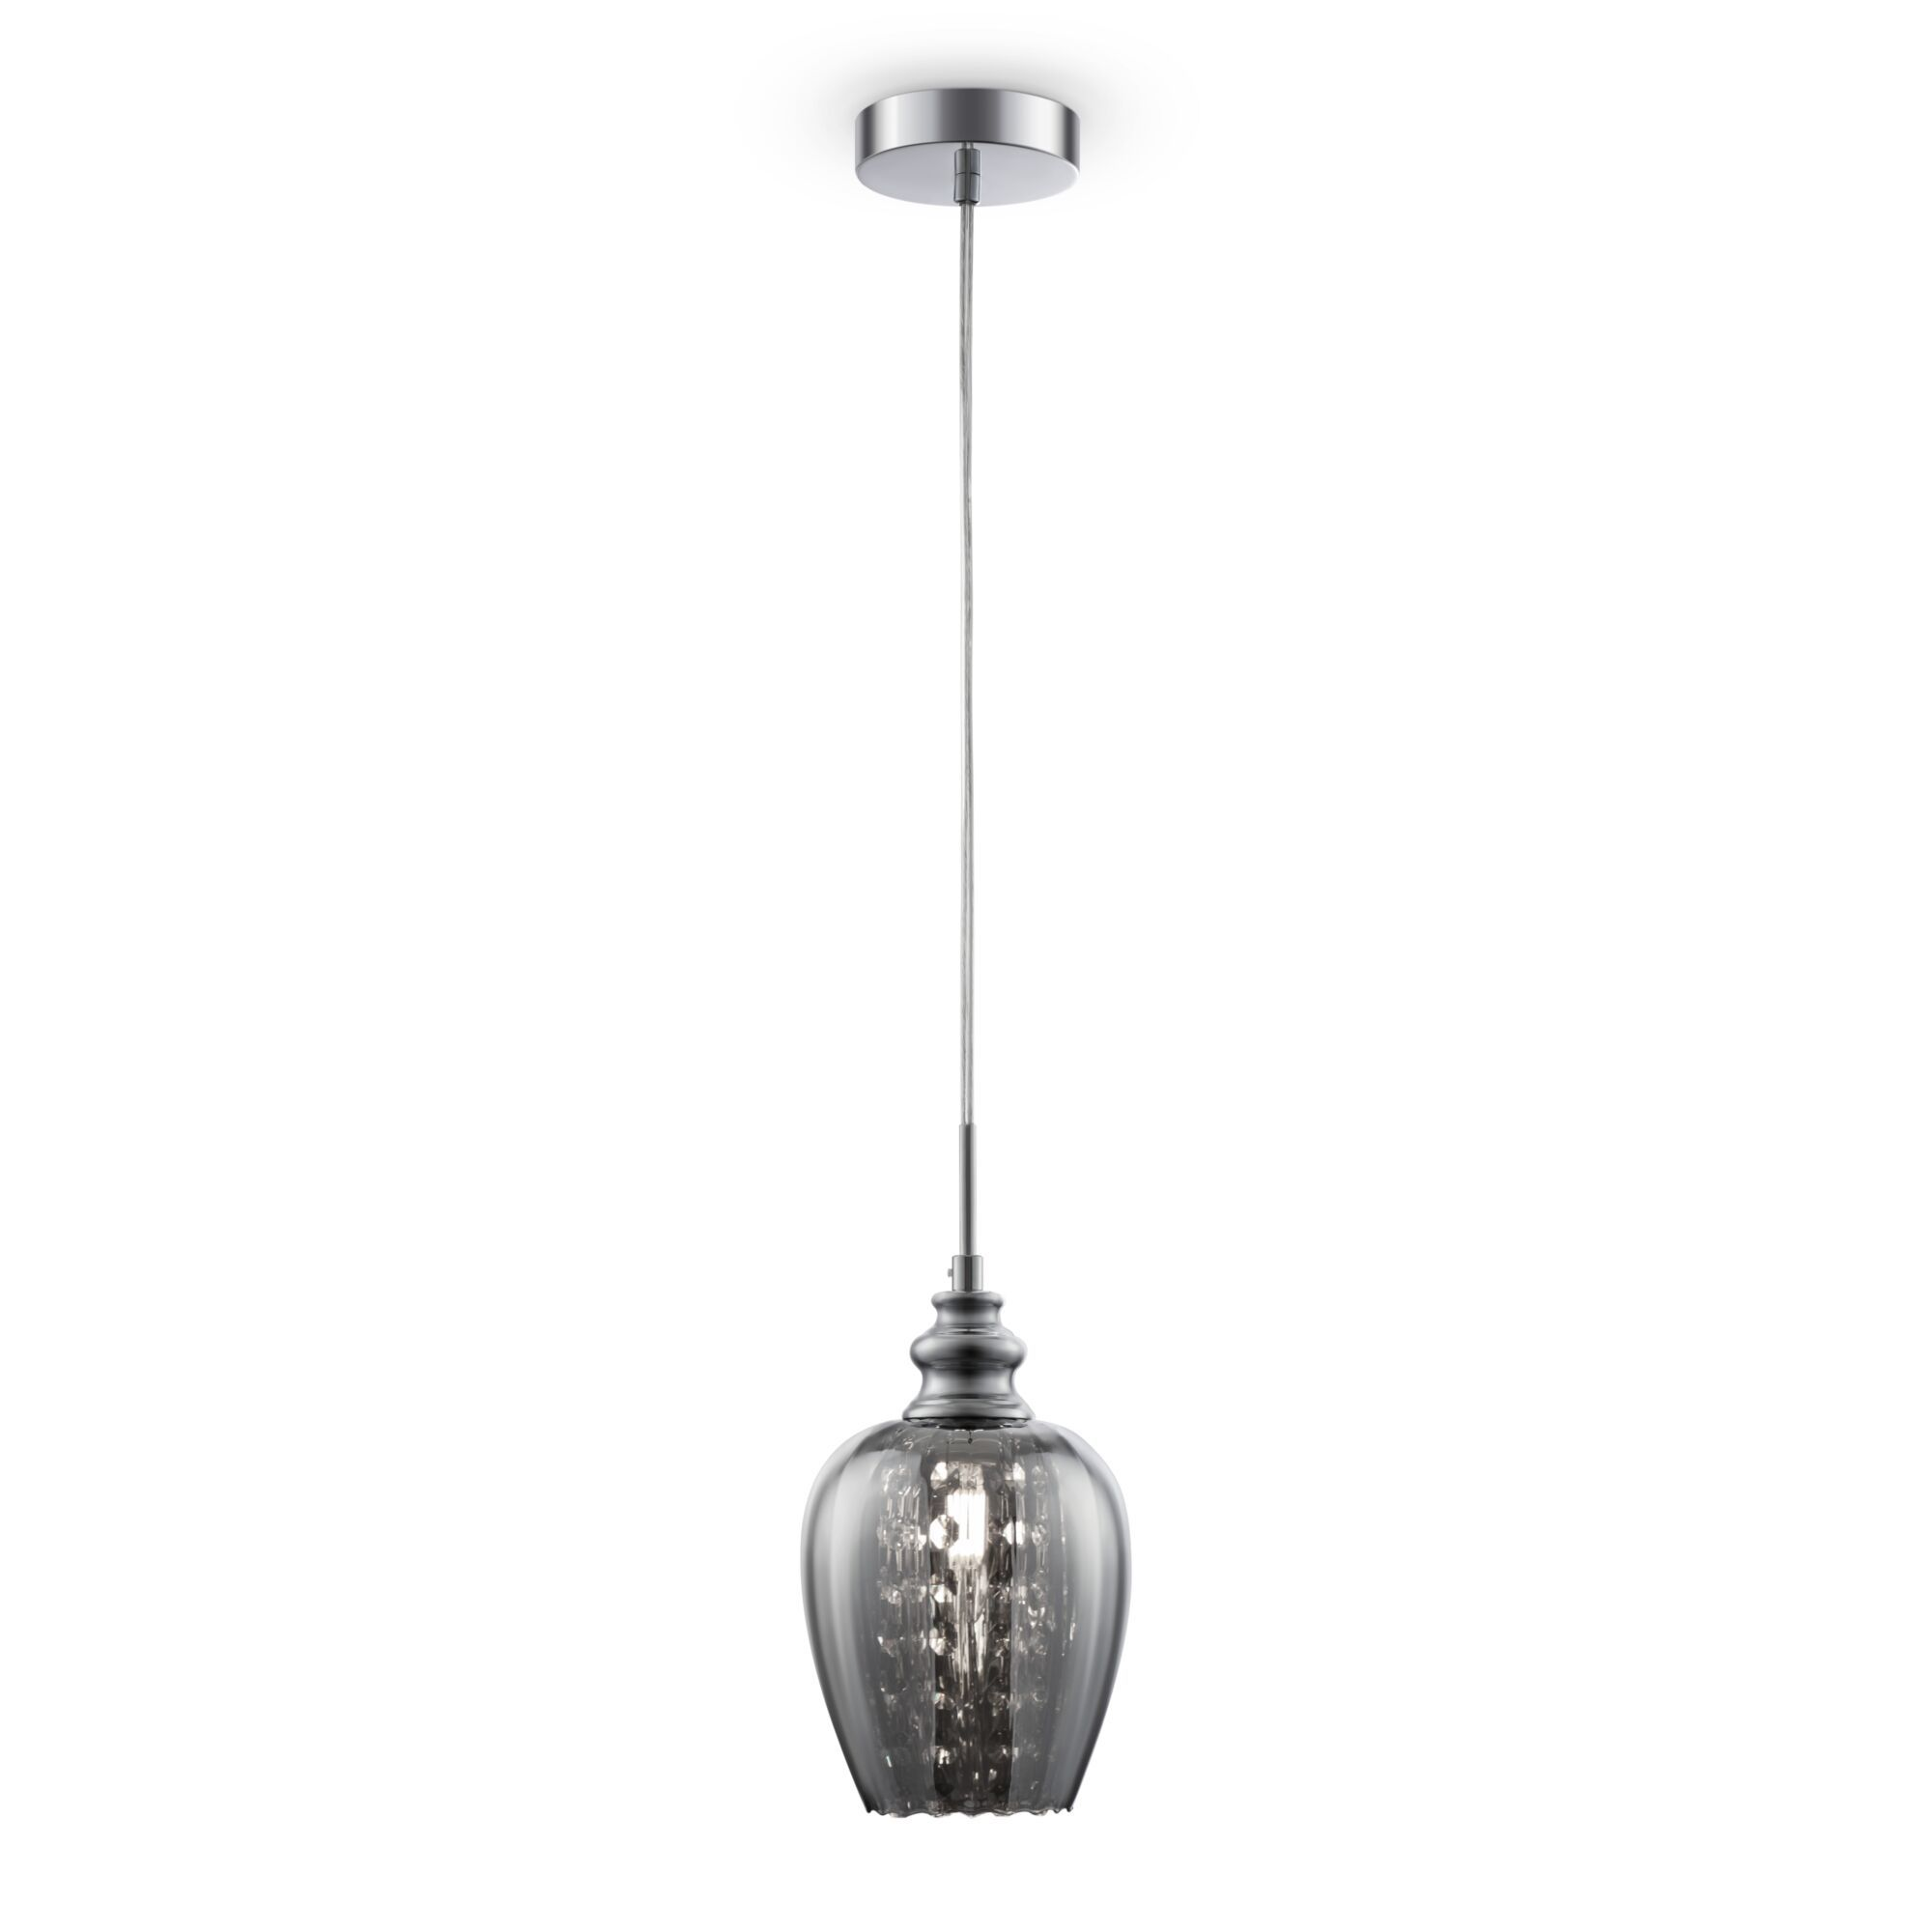 Подвесной светильник Maytoni Blues MOD033-PL-01-N (F003-11-N), 1xE14x40W, никель, дымчатый, прозрачный, металл, стекло, хрусталь - фото 2